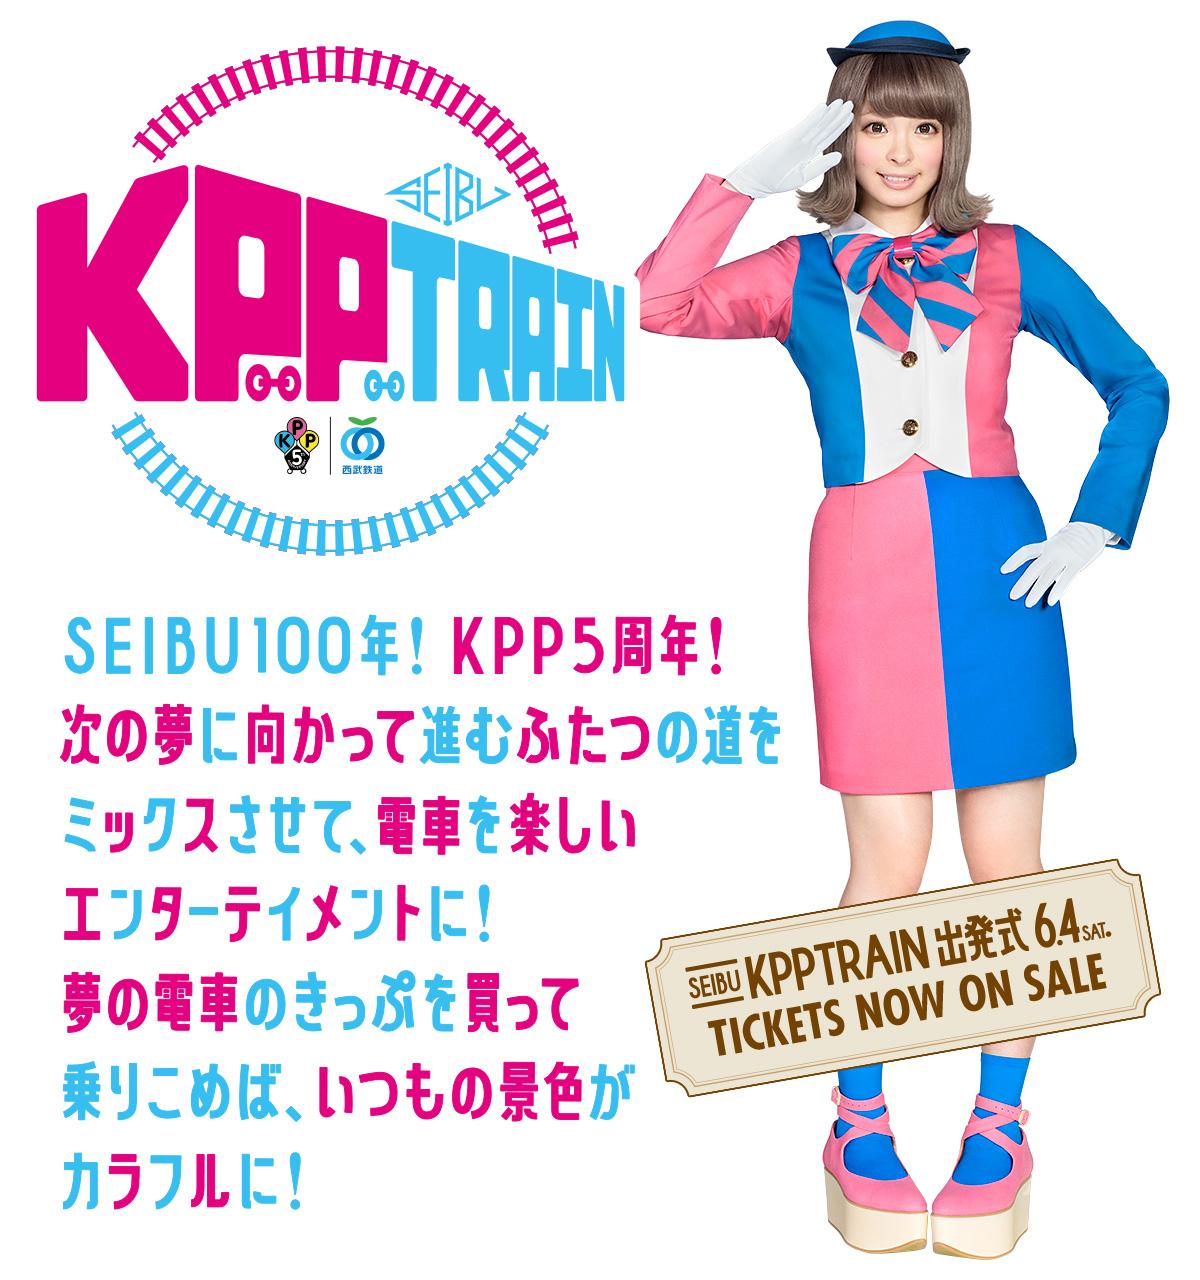 きゃりーぱみゅぱみゅ・ラッピング電車・SEIBU KPP TRAIN